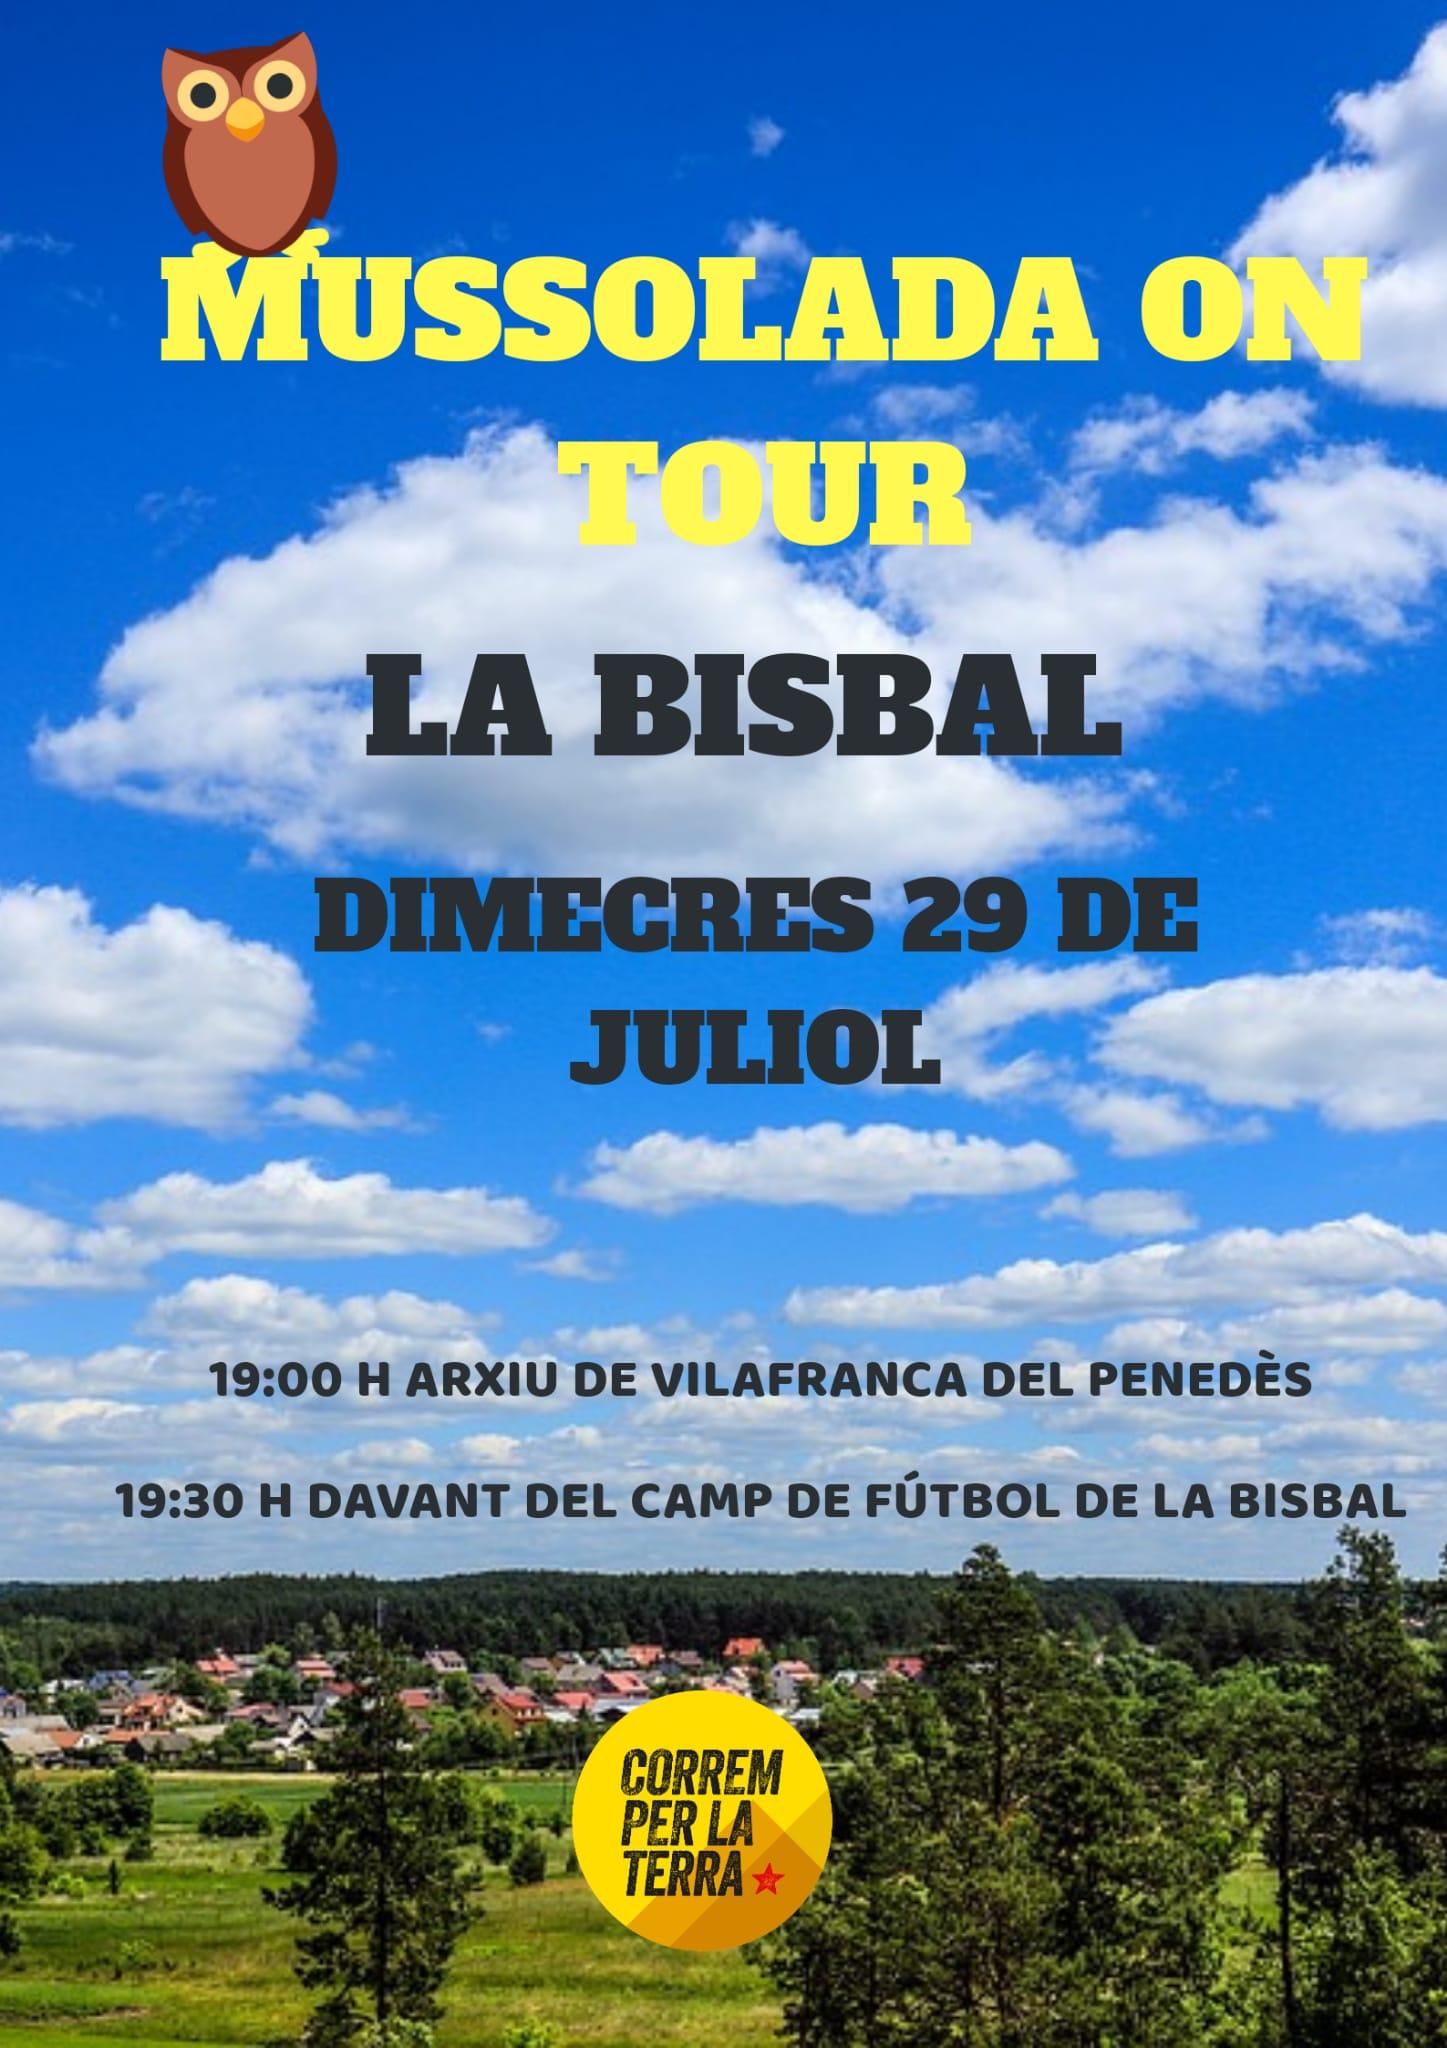 Aquest dimecres podreu córrer amb Les Mussolades On Tour a la Bisbal